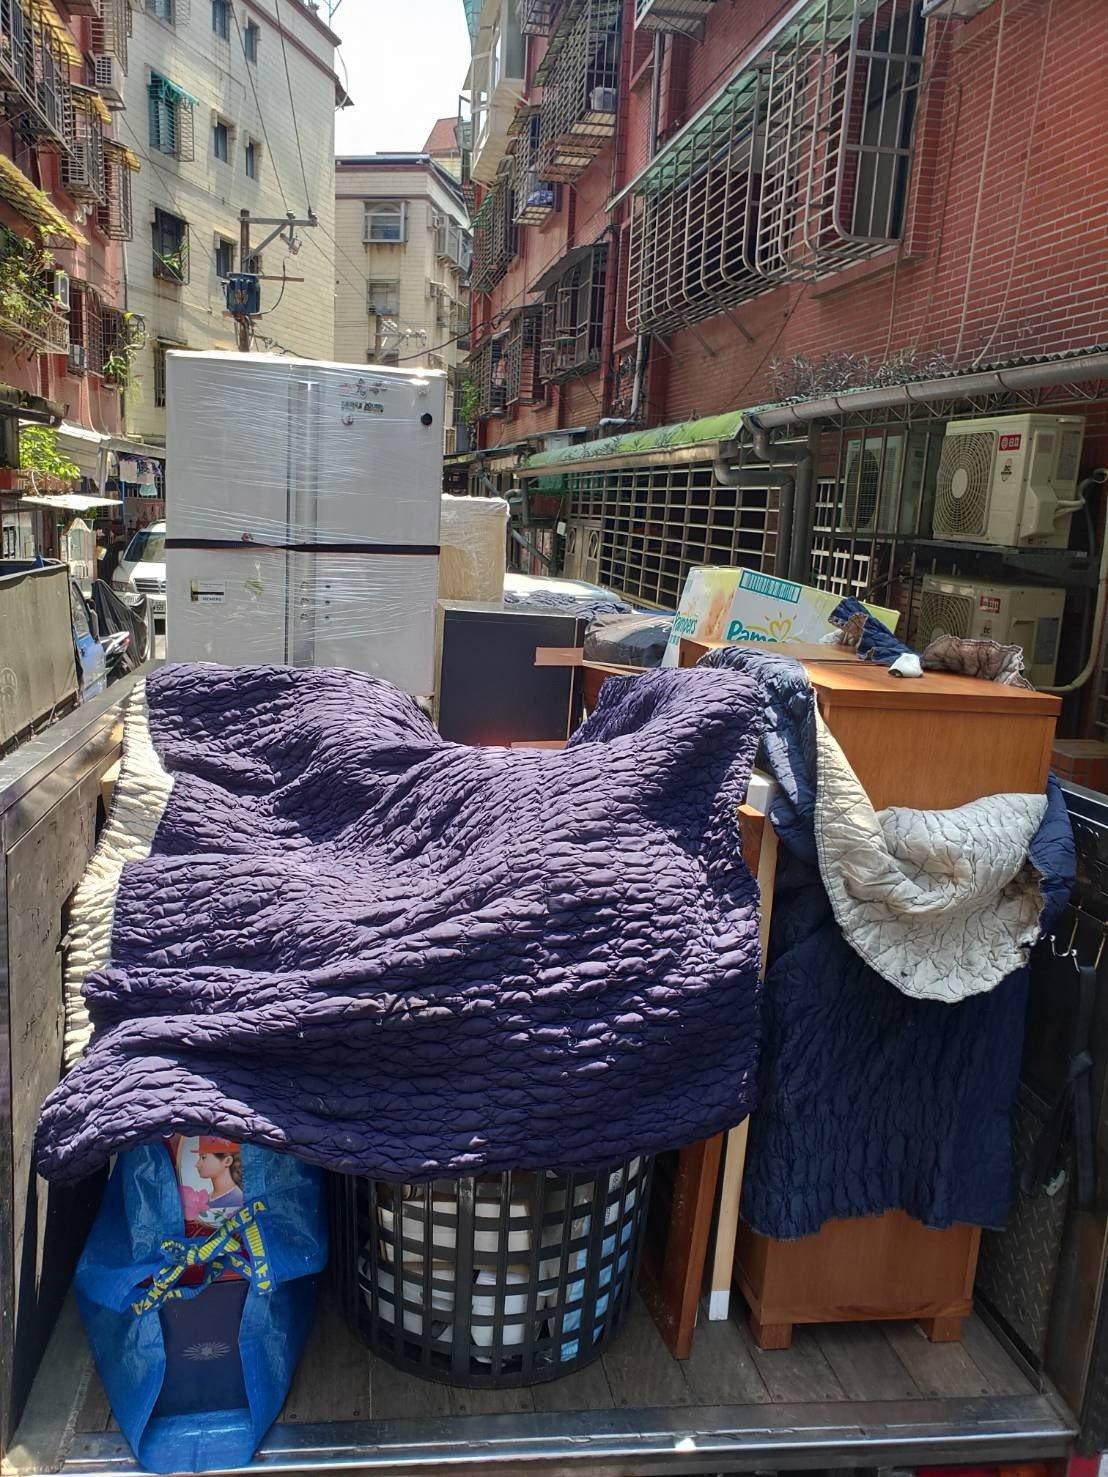 家庭搬家傢俱物品堆疊上車,不浪費貨車裝載空間-台北搬家、新北搬家公司推薦|榮福搬家